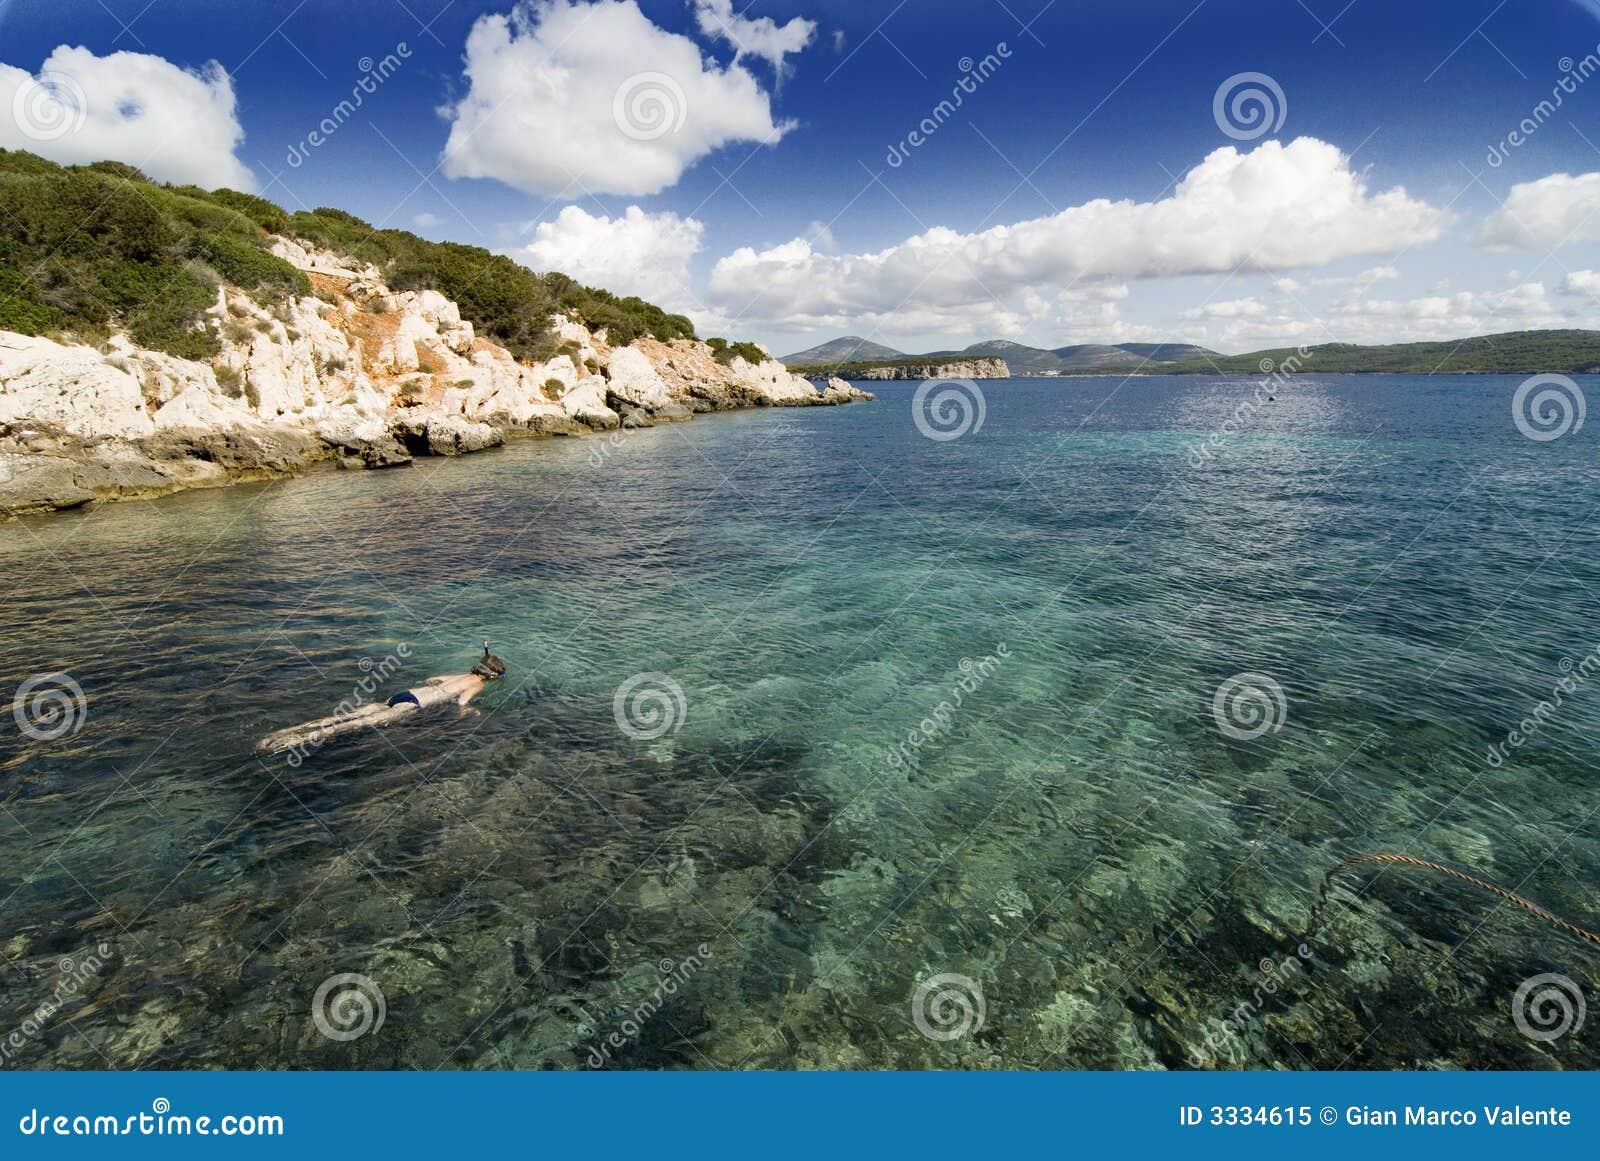 Bay in Sardinia